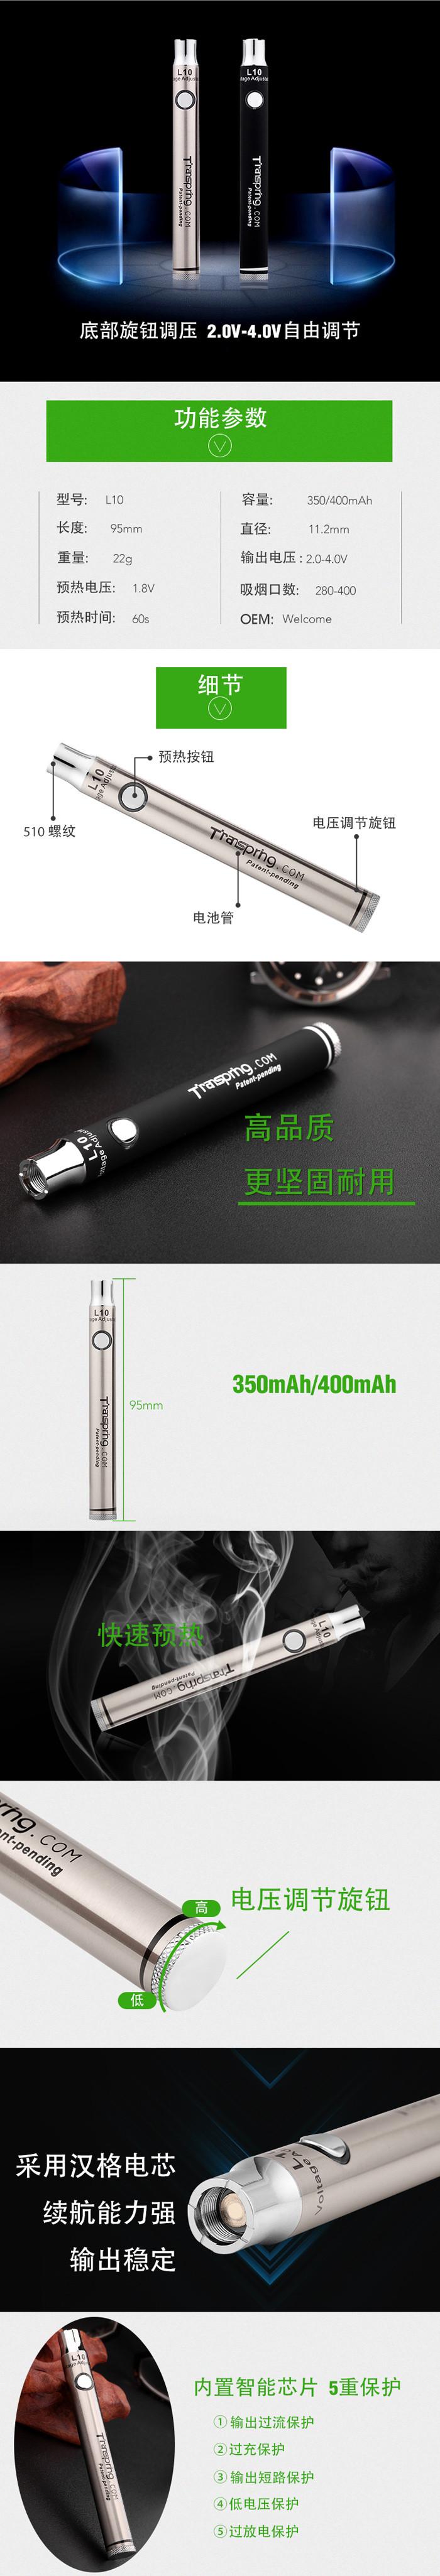 深圳市沁园春科技有限公司